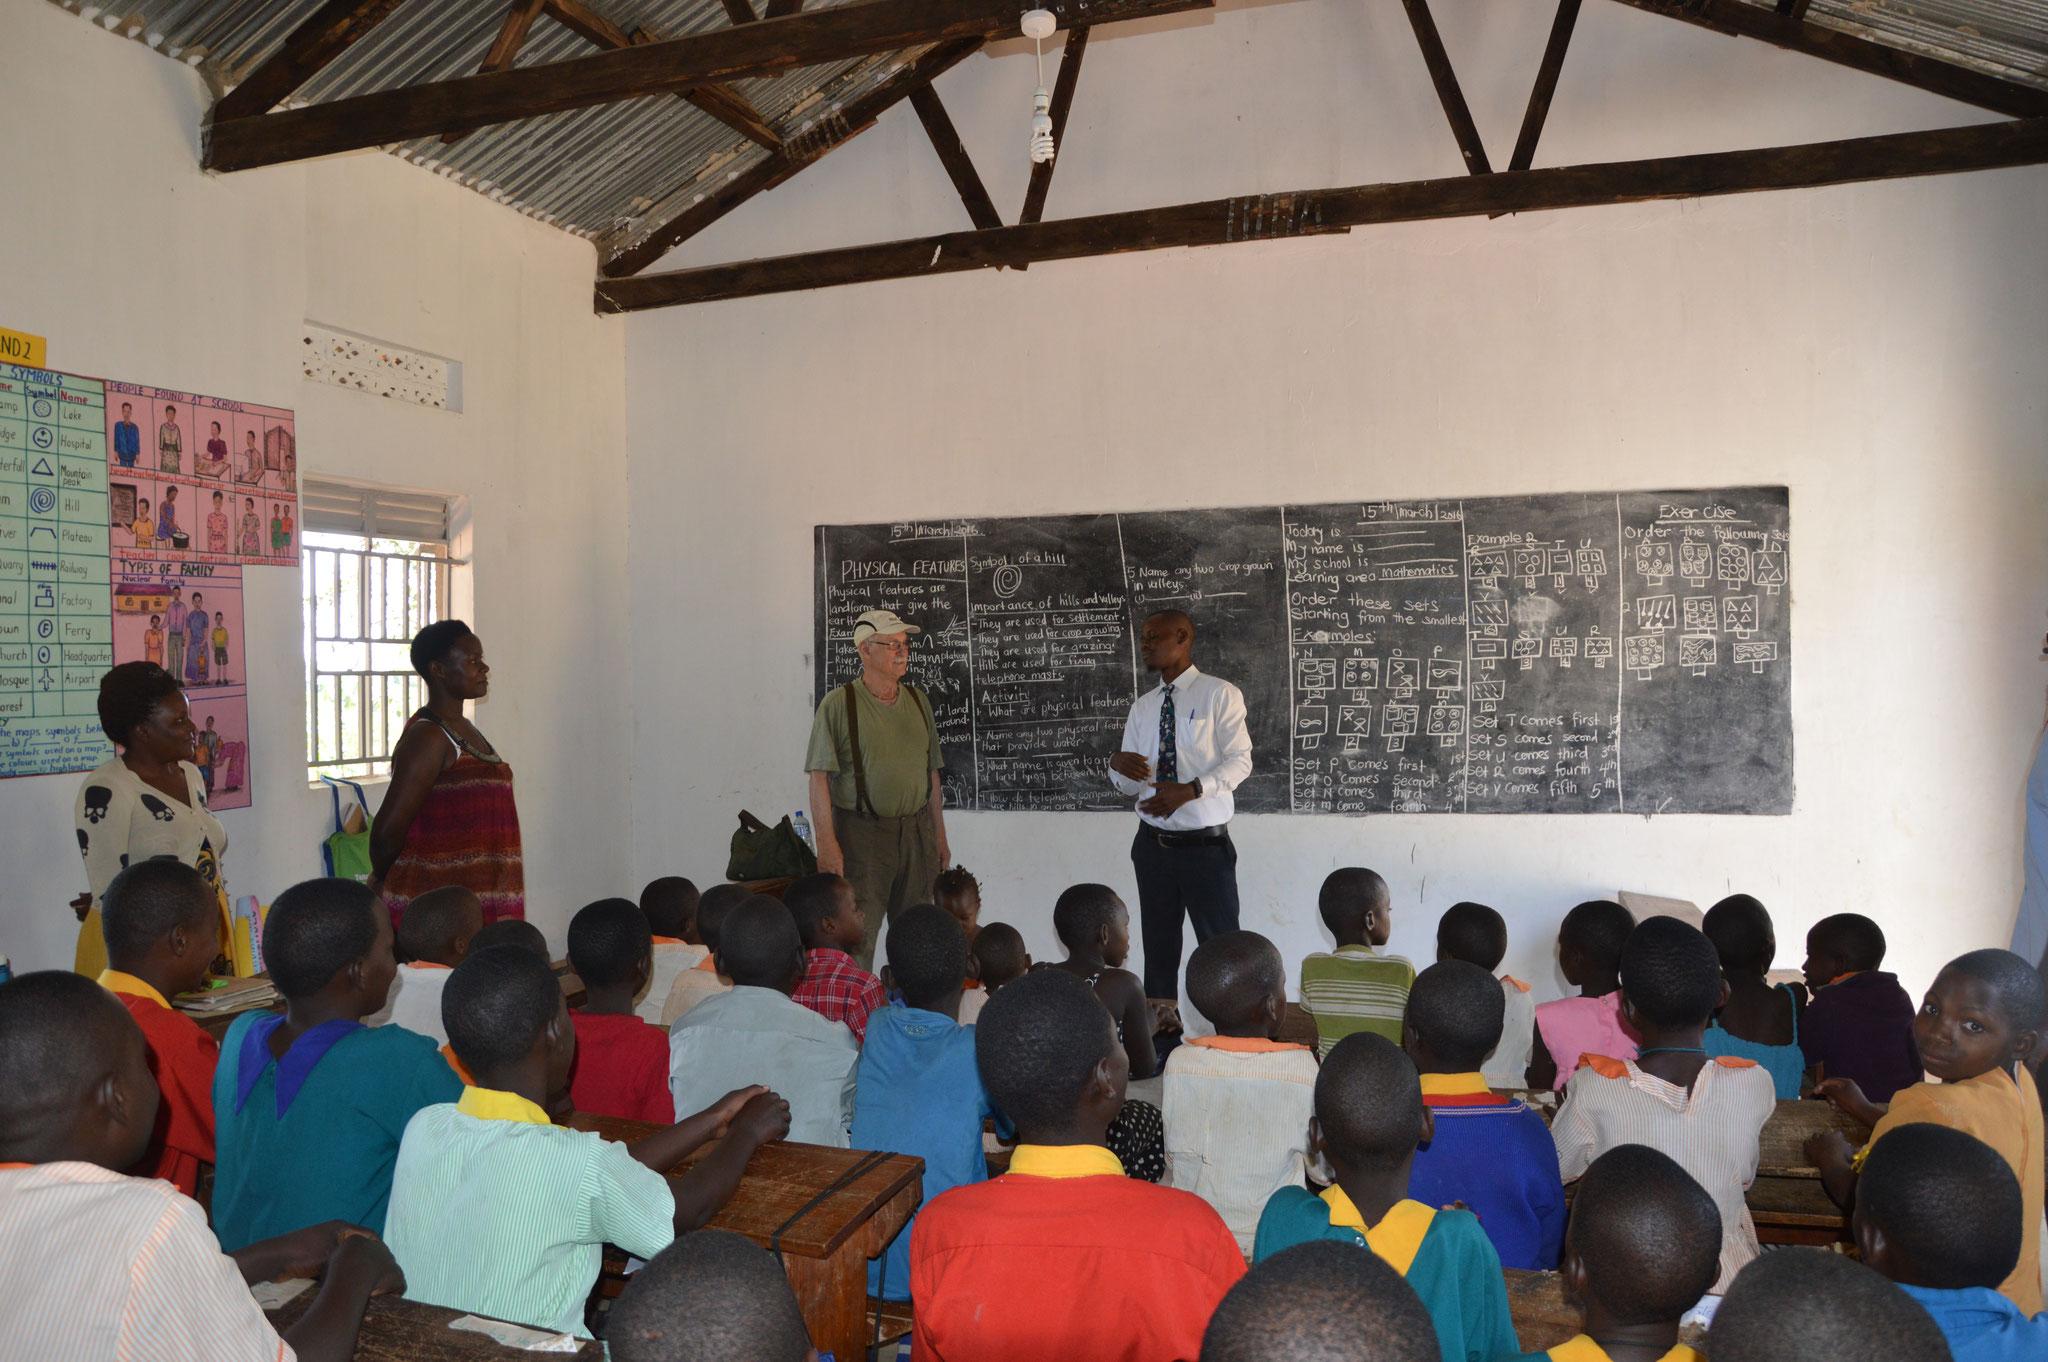 Hier unterrichtet Wabbi - Er ist ein ehemaliger Schüler der Gehörlosenschule in Bwanda